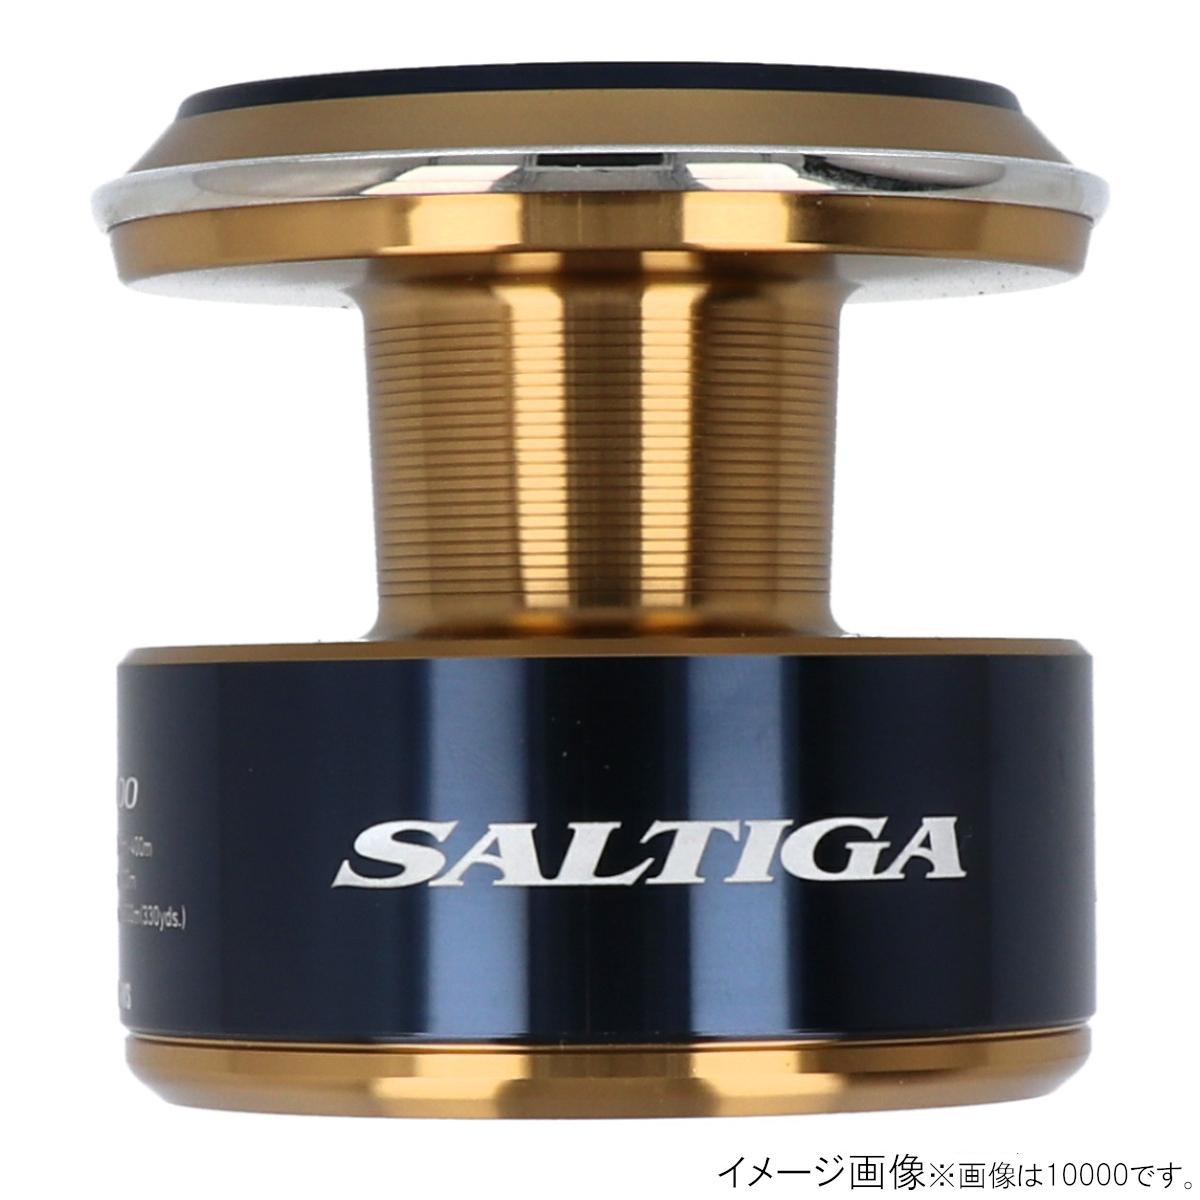 ダイワ SLPW 20SALTIGA スプール 20000(東日本店)【同梱不可】